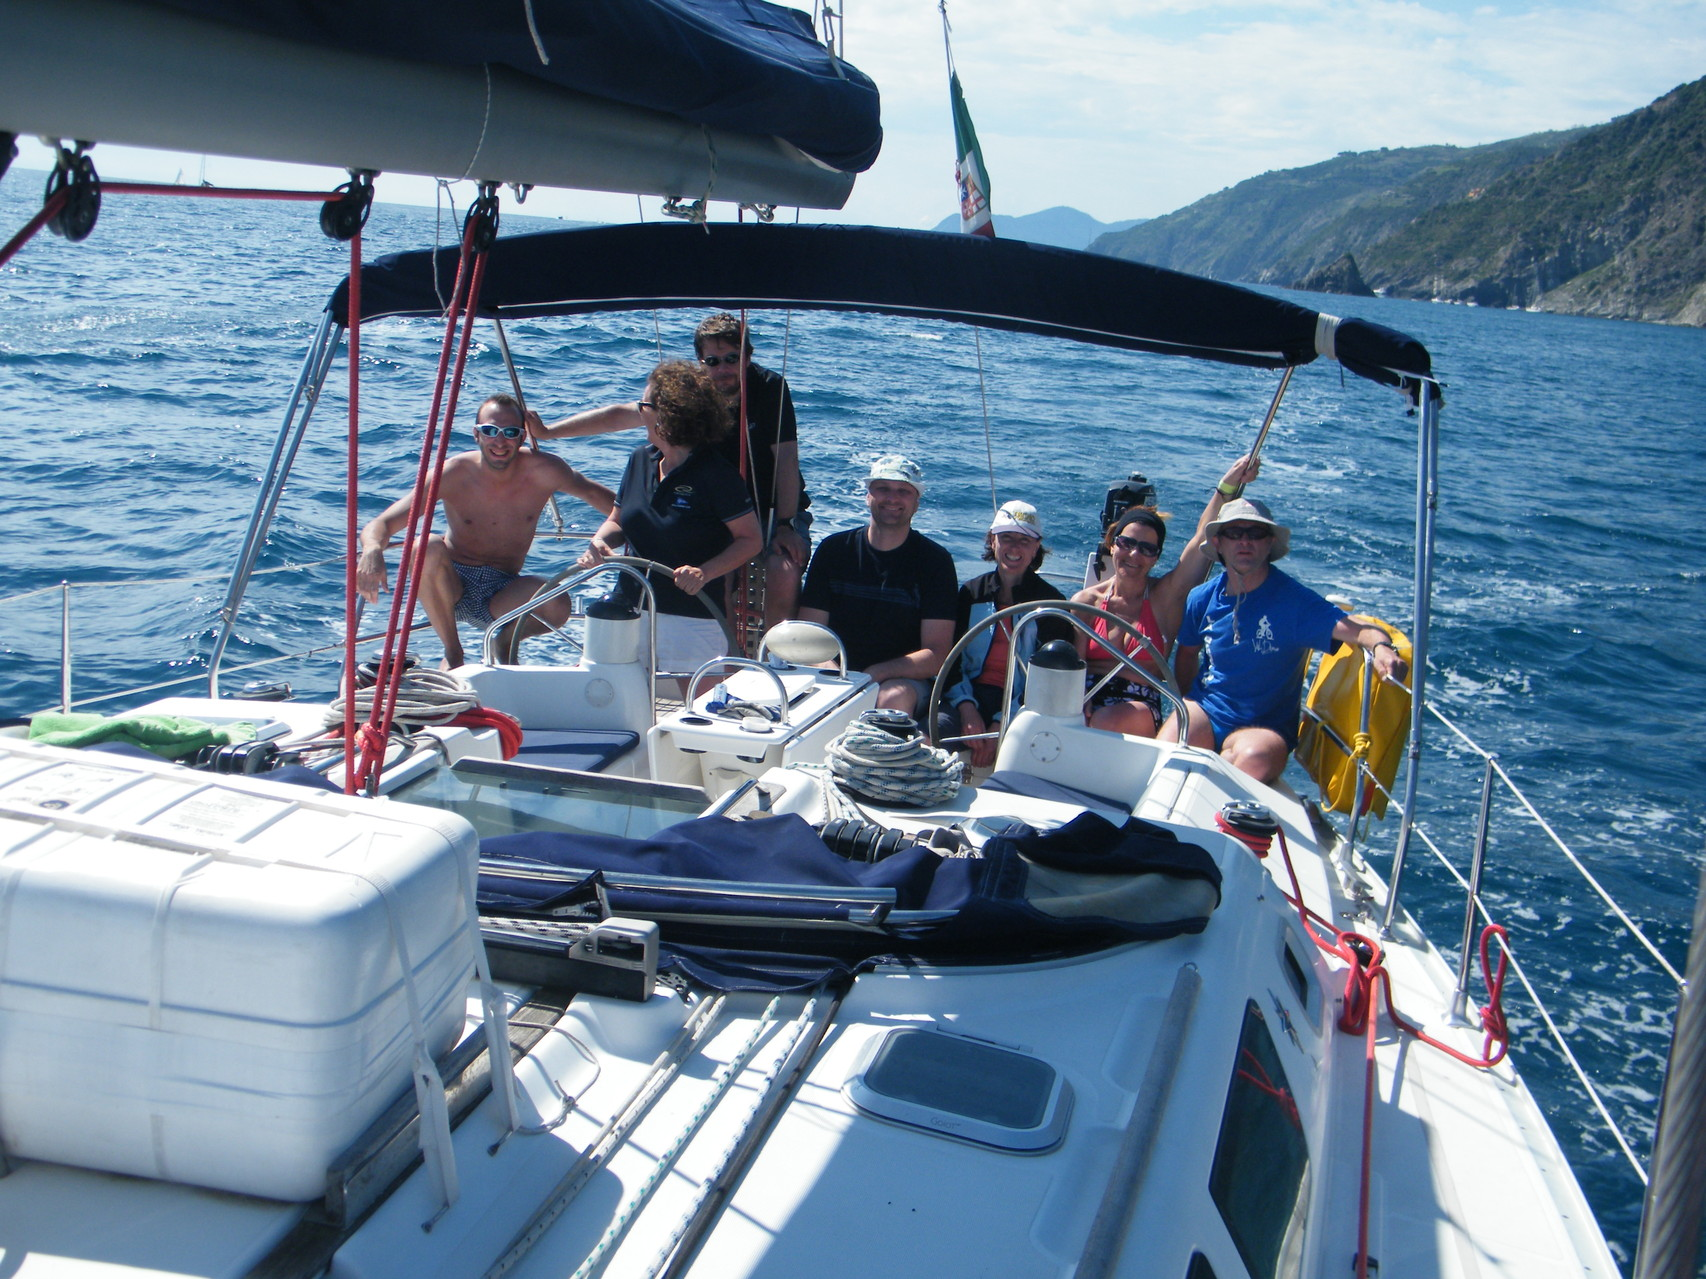 equipaggio Scuola di Vela Week End Cinque Terre Liguria